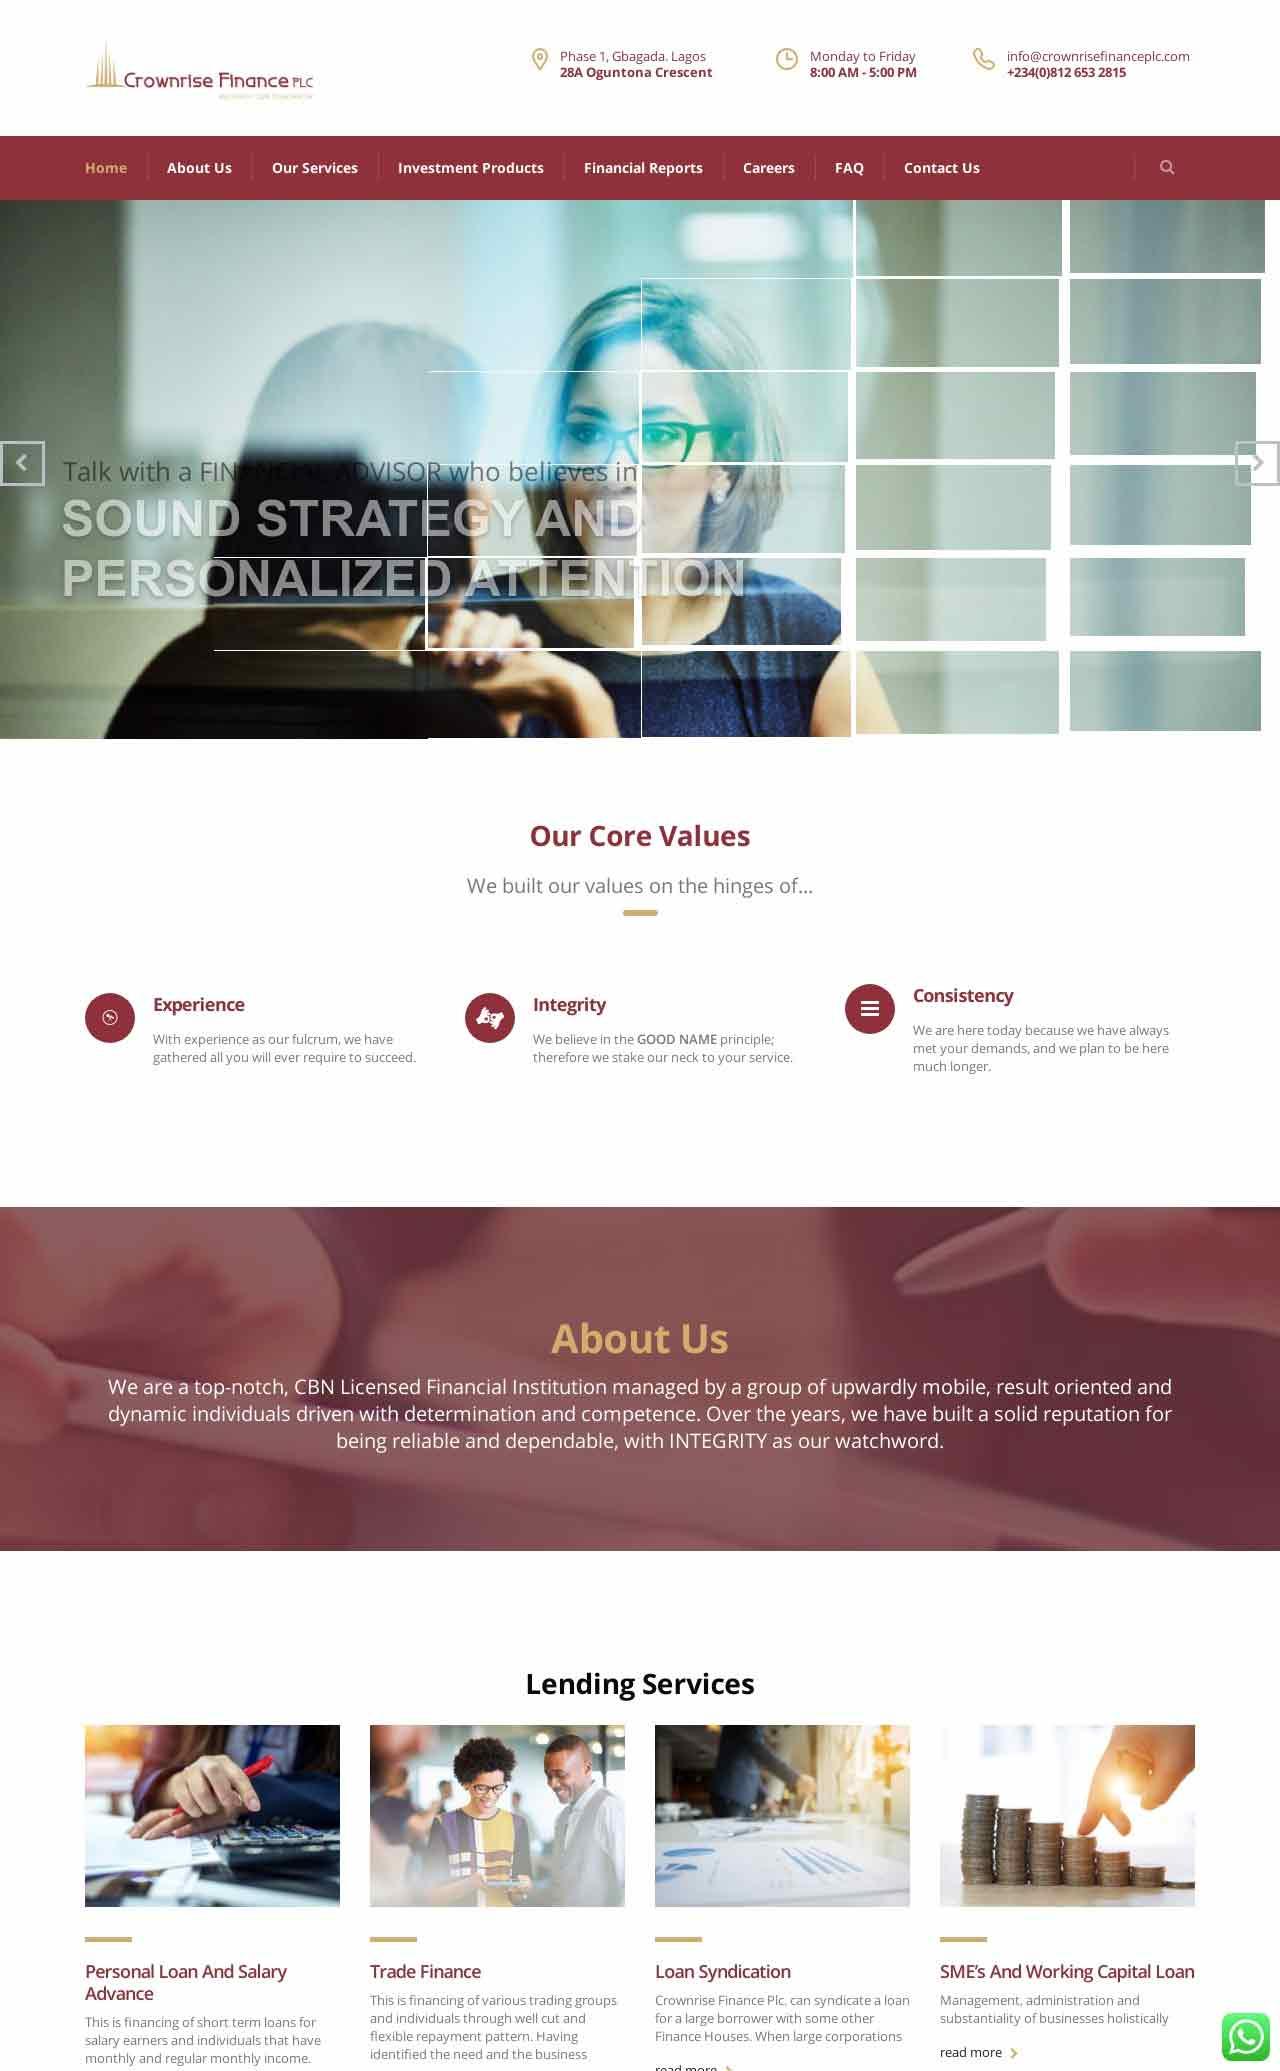 Bespoke Website Design for Crownrise Finance Plc